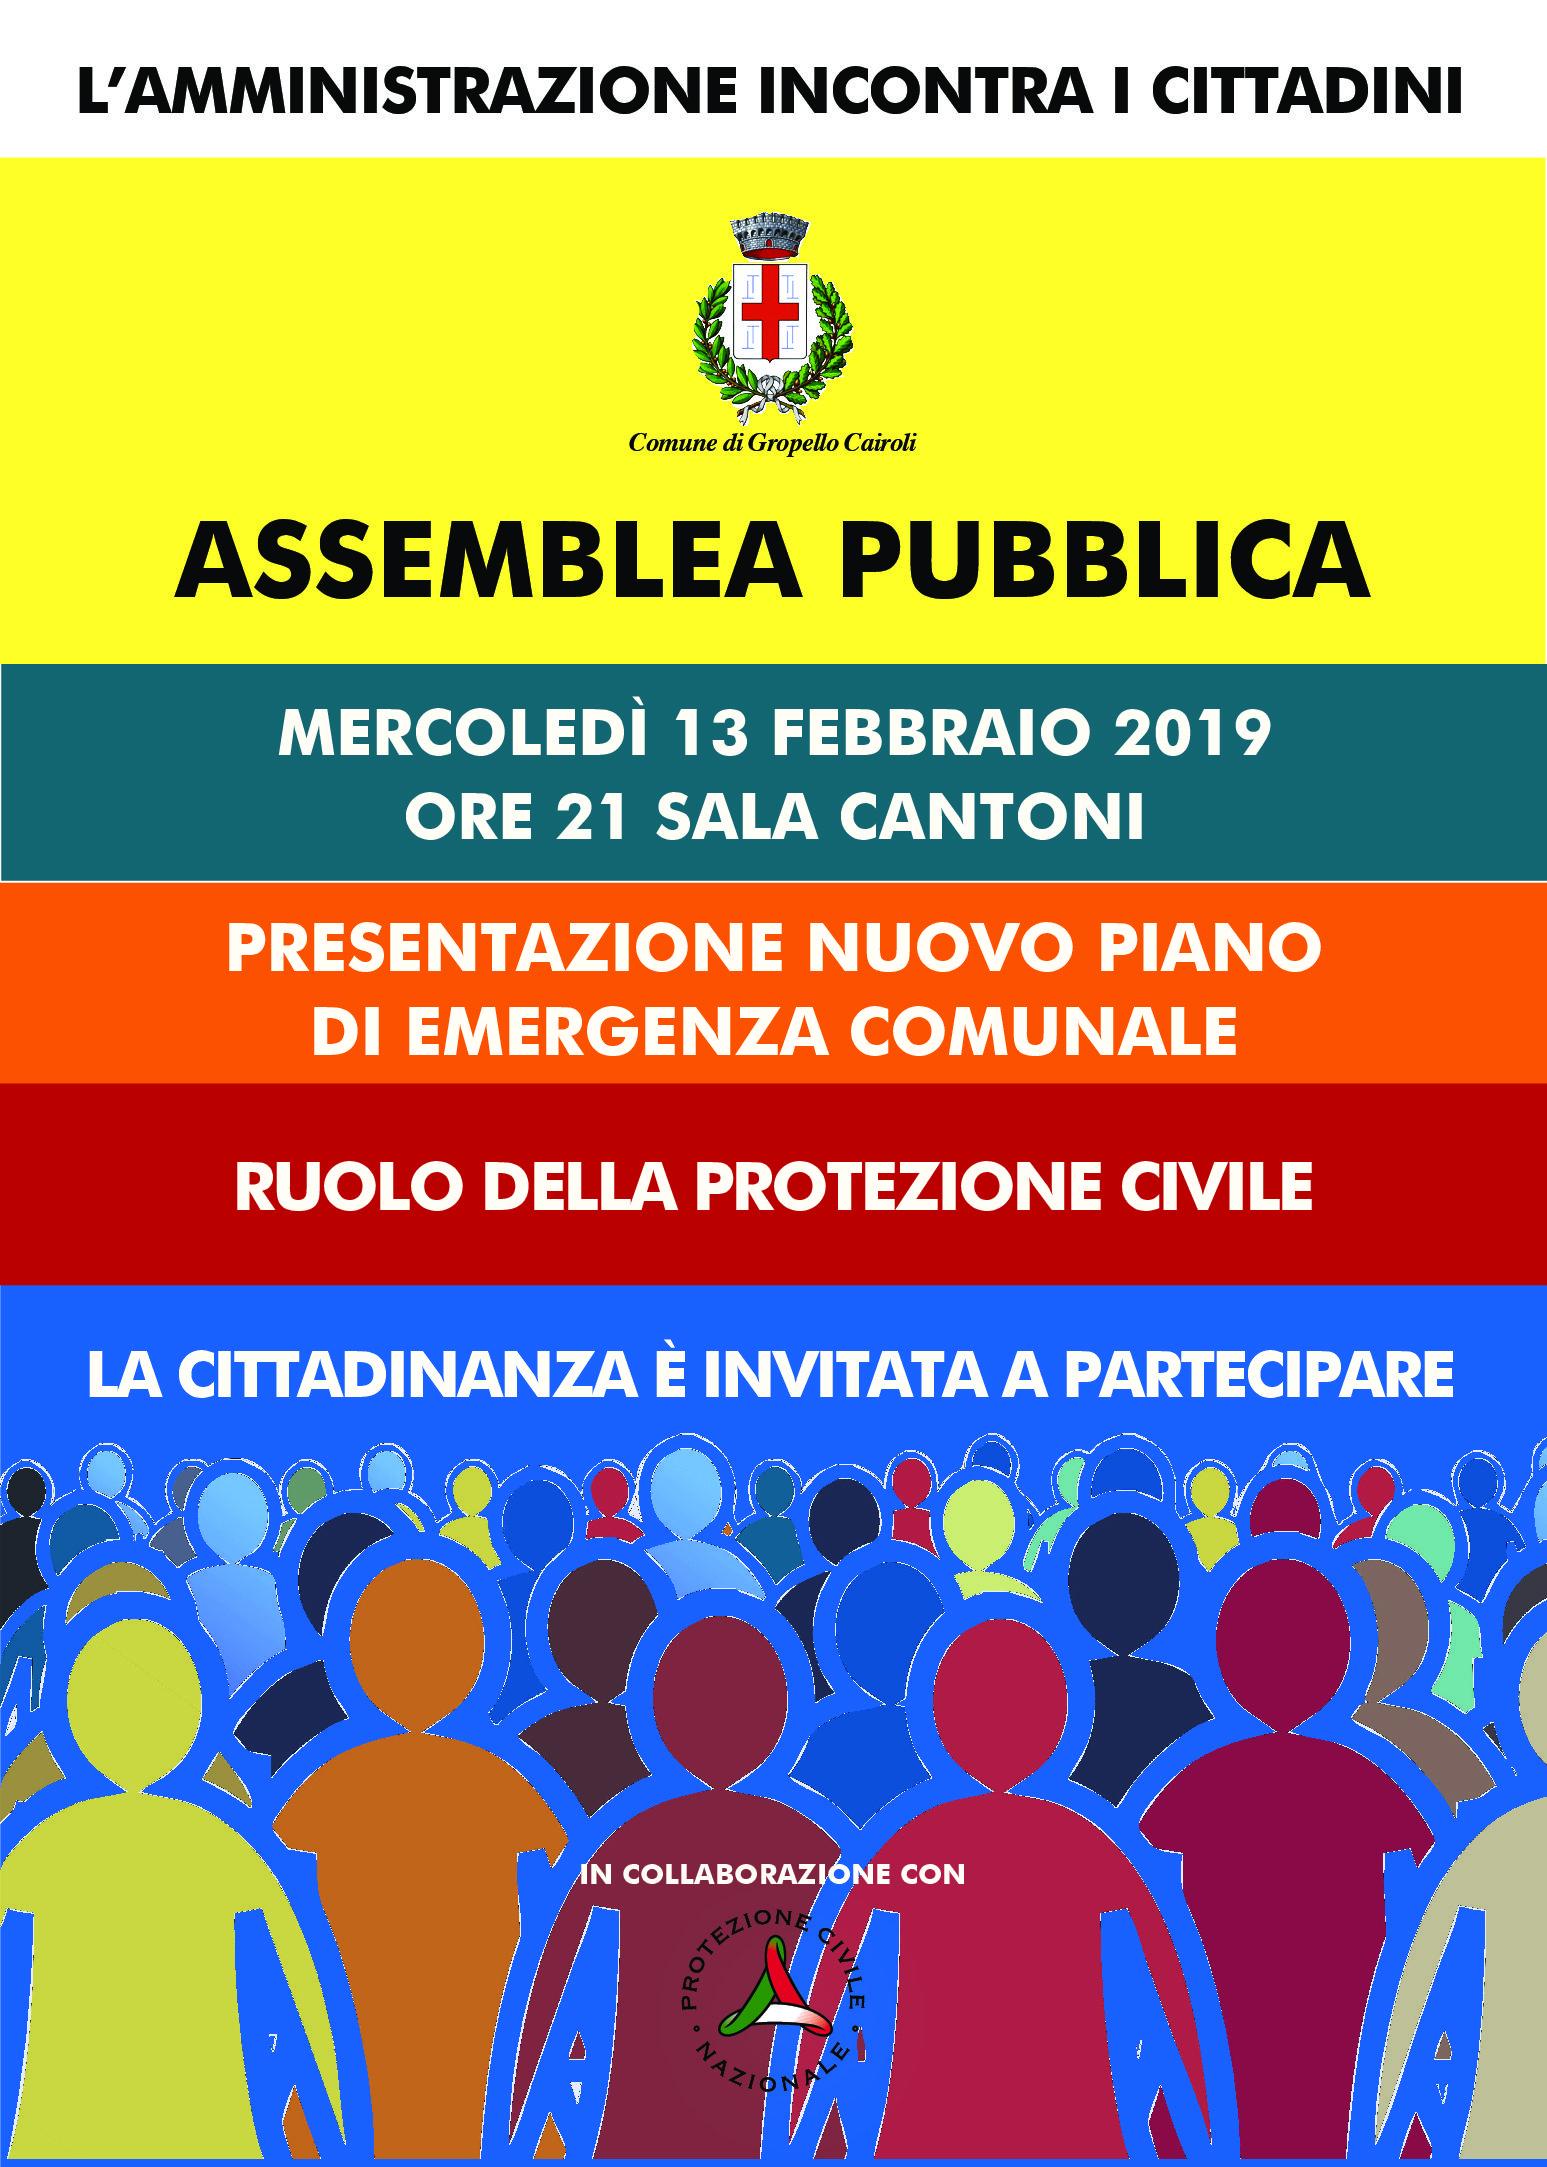 Assemblea pubblica mercoledì 13 febbraio ore 21 Sala Cantoni – Presentazione nuovo piano di emergenza comunale – Ruolo della protezione civile